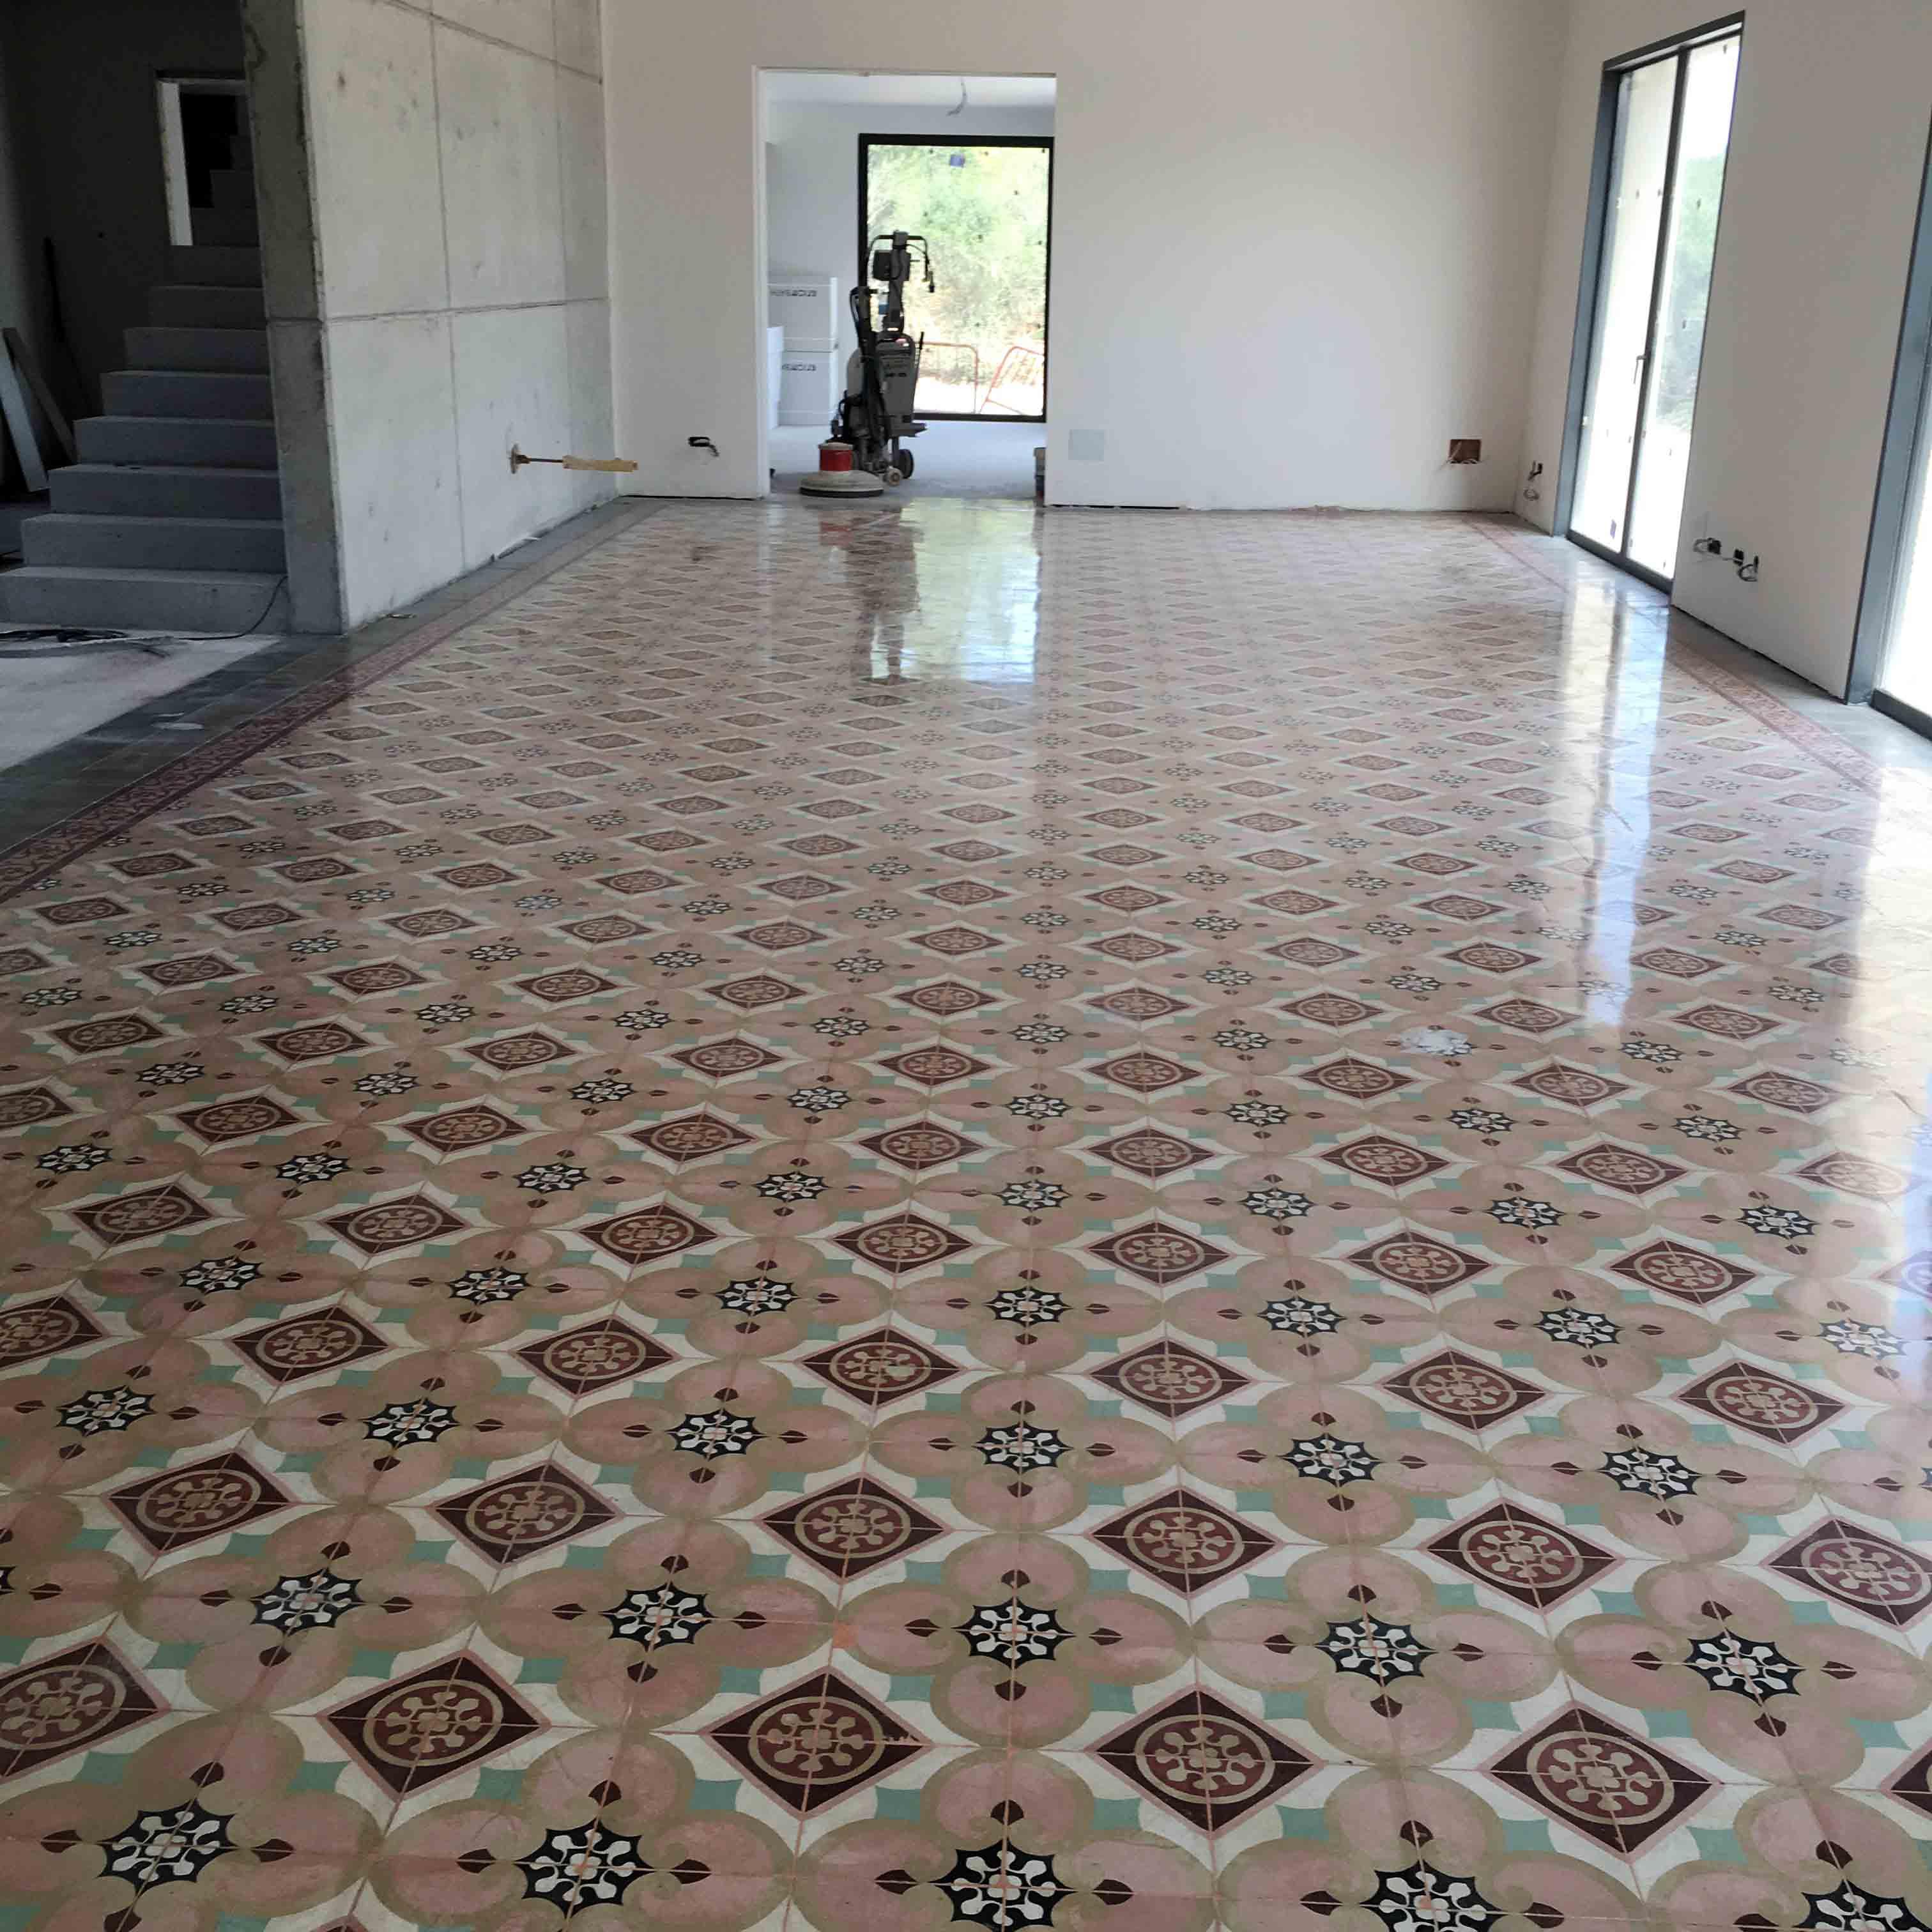 MosaicosBarcelona-Recuperacción-abrillantado-y-acristalado-de-suelos-de-mosaico-hidraulico-en-vivienda-en-Mallorca-Baleares-23